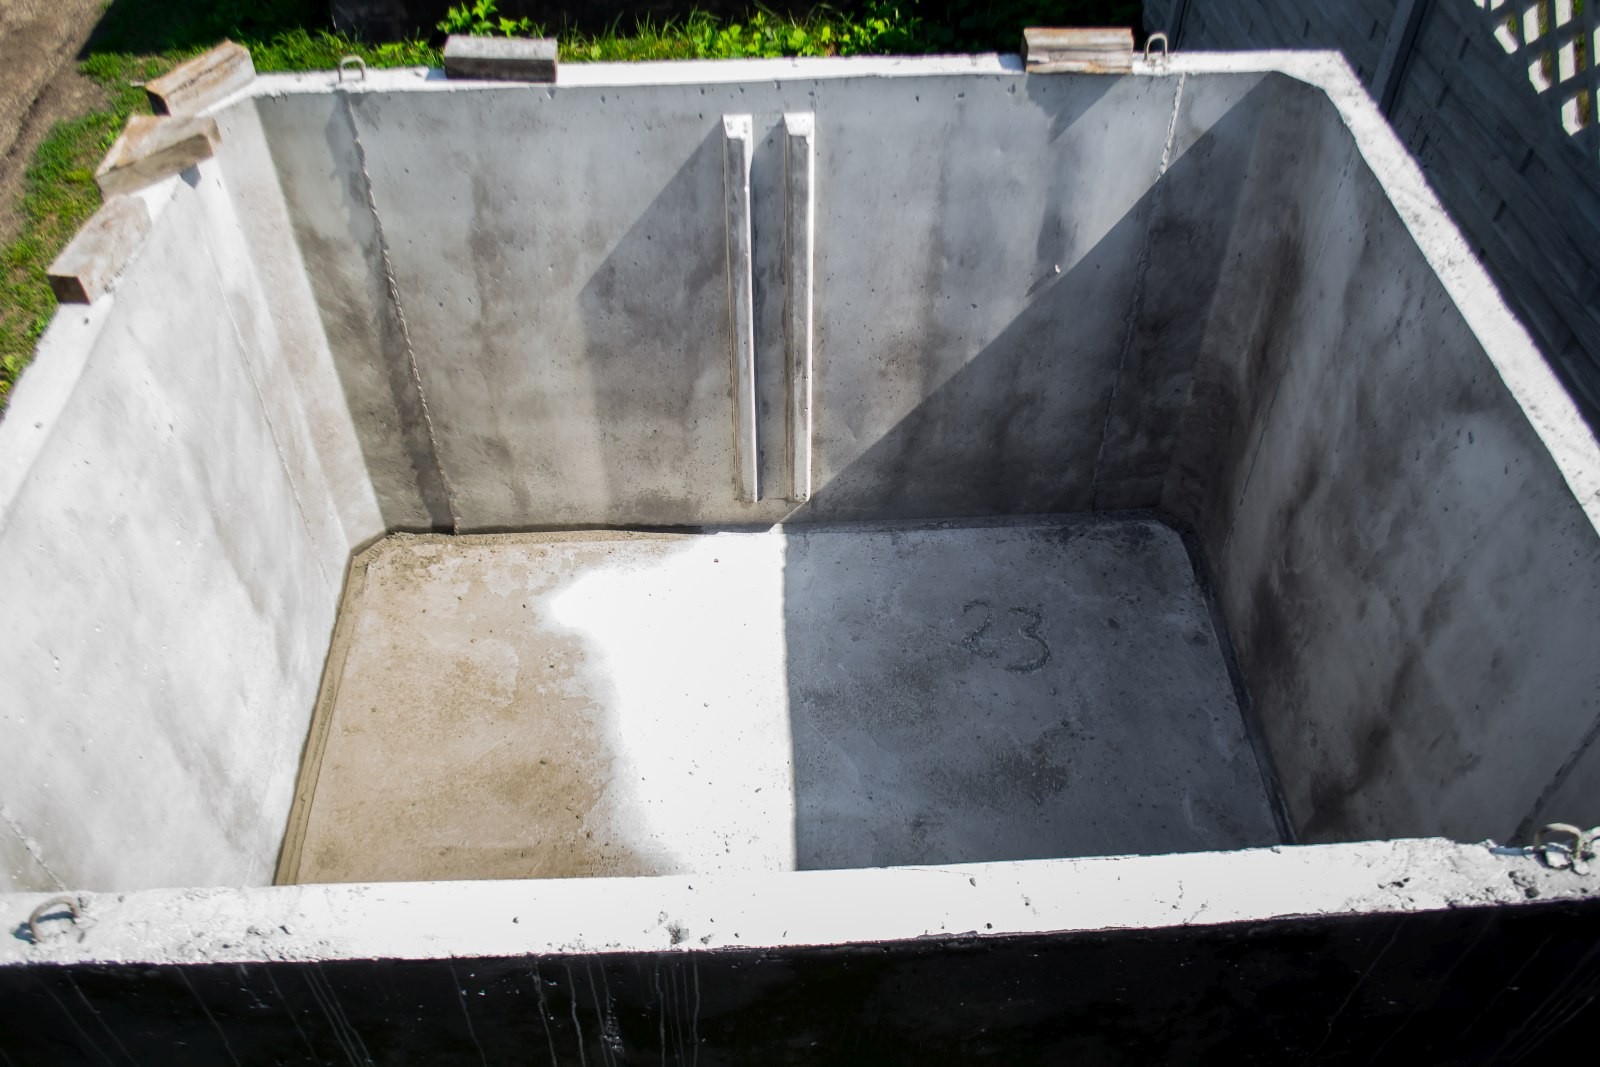 zbiornik betonowy na deszczówkę